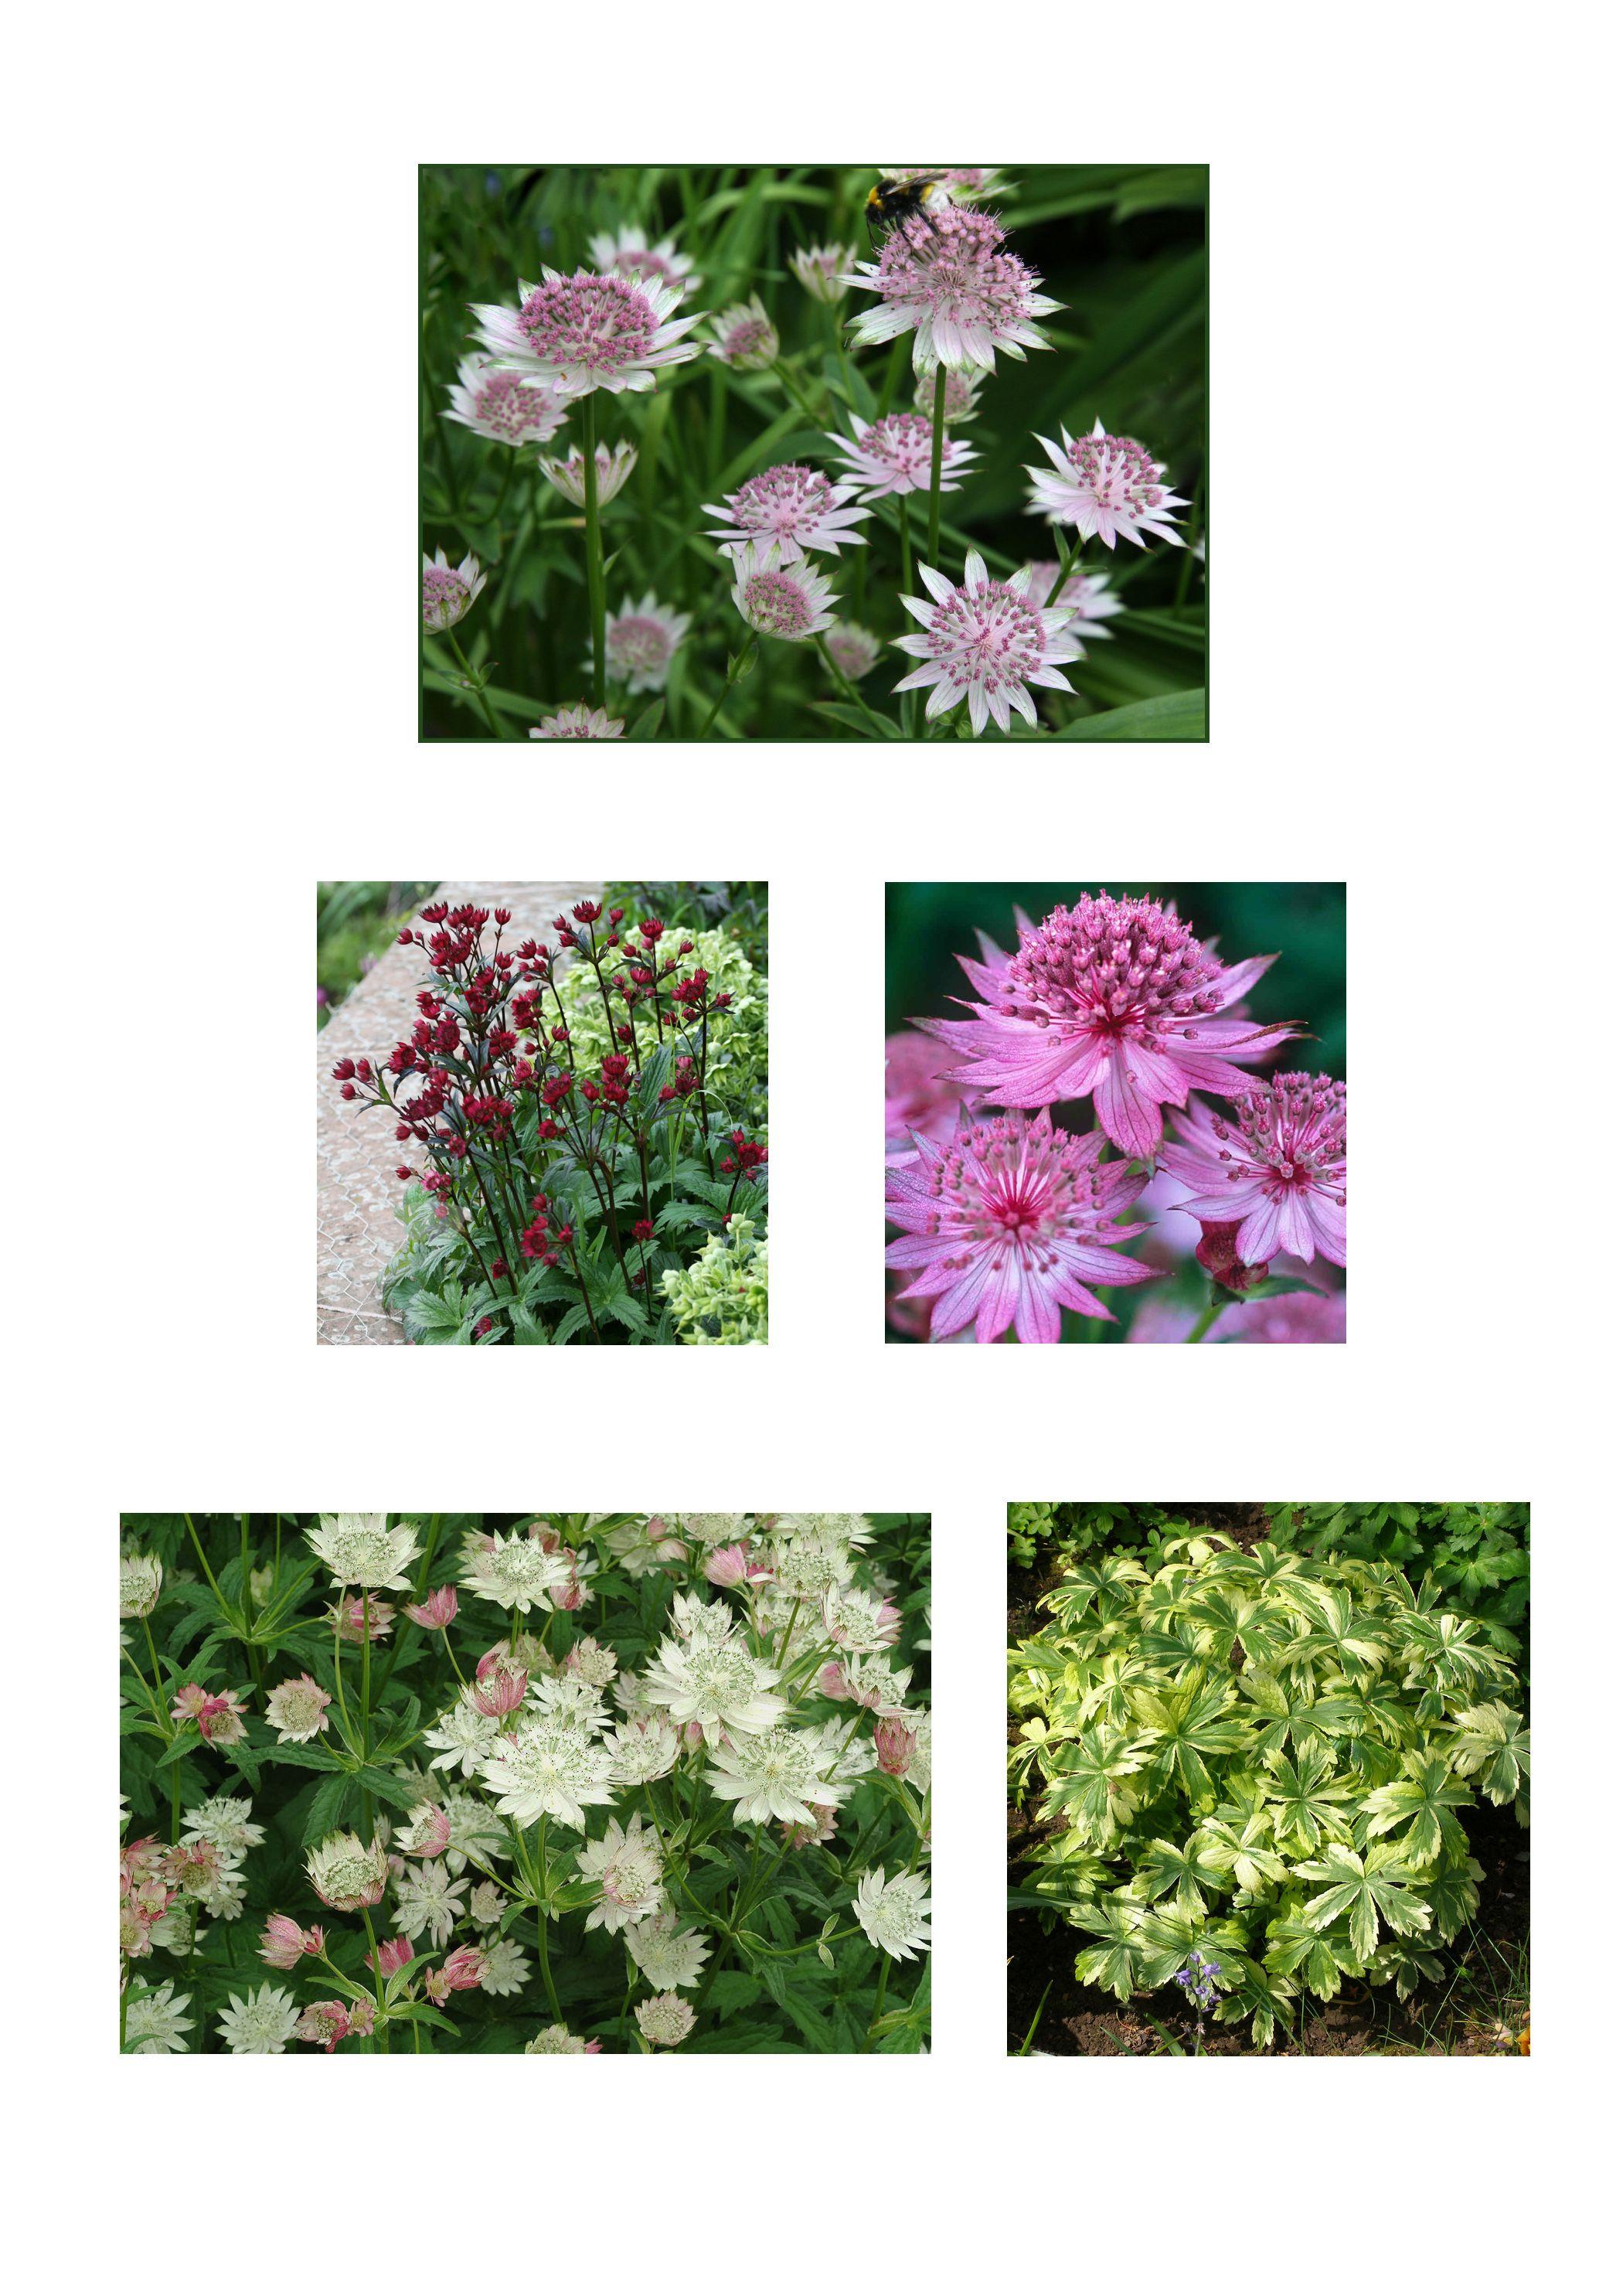 astrantia varieties buckland claret roma and magnum blush caroline benedict smith garden